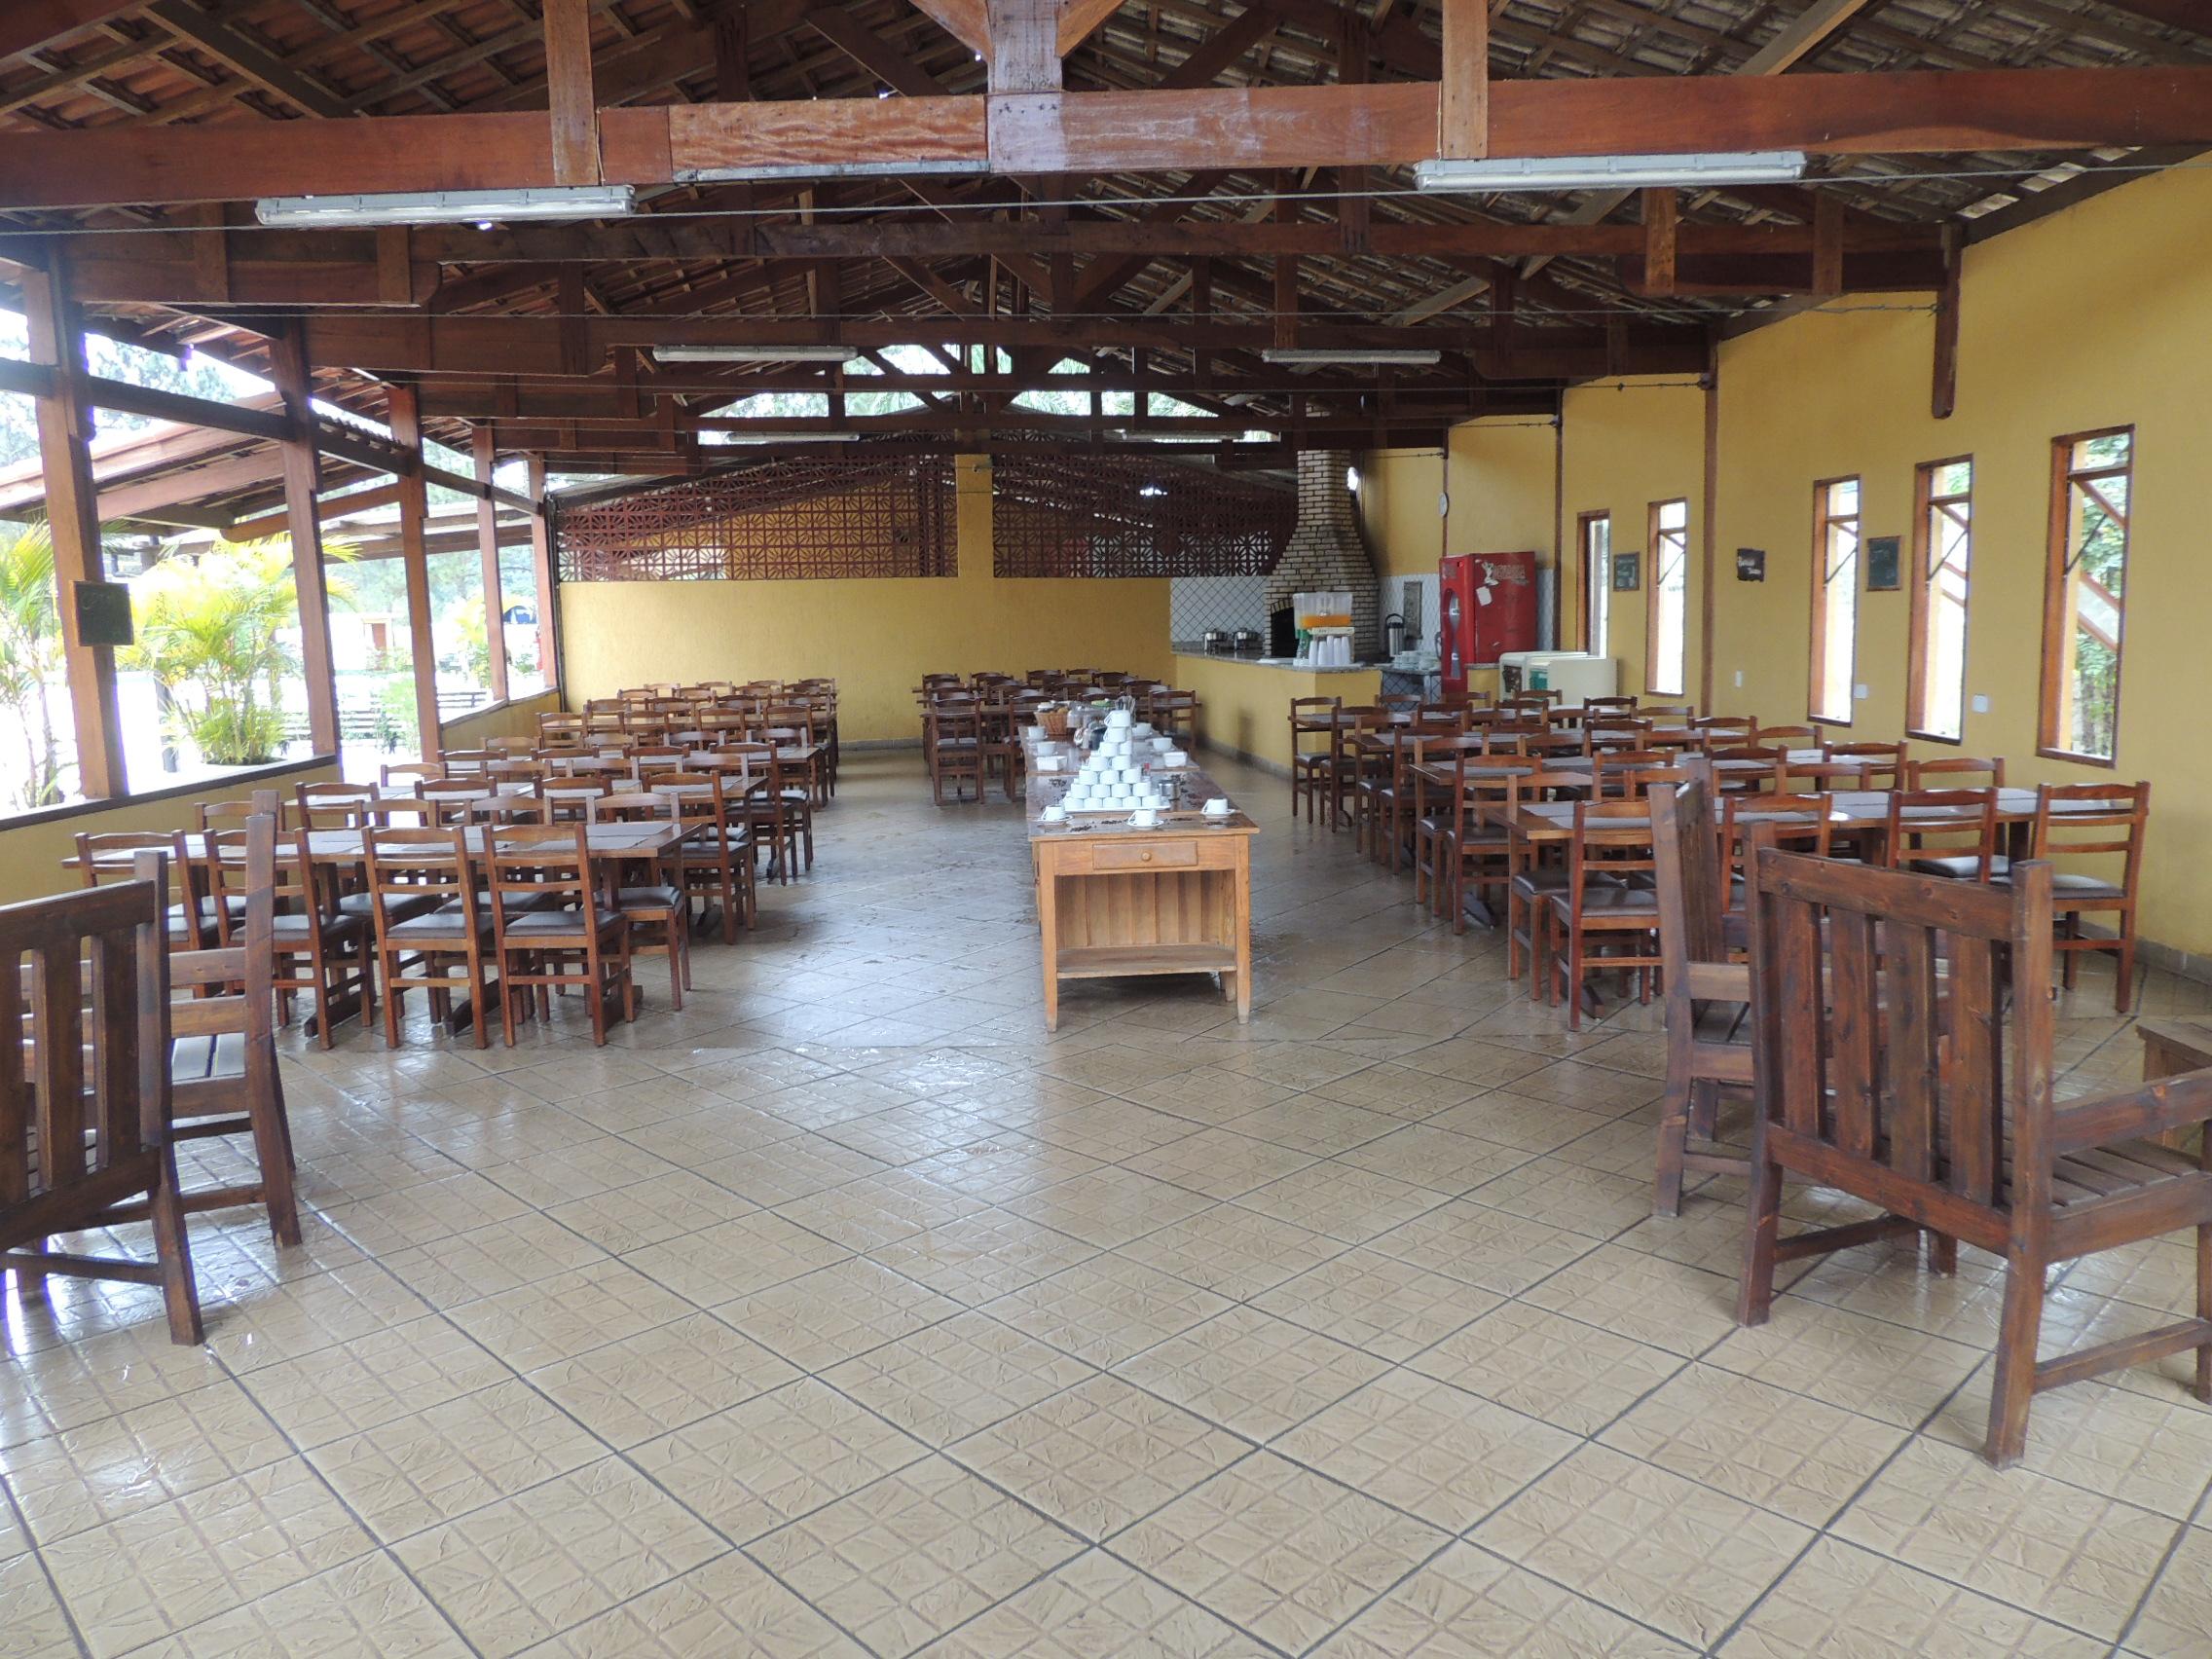 UNIDADE MOGI DAS CRUZES - Restaurante - Mogi das Cruzes